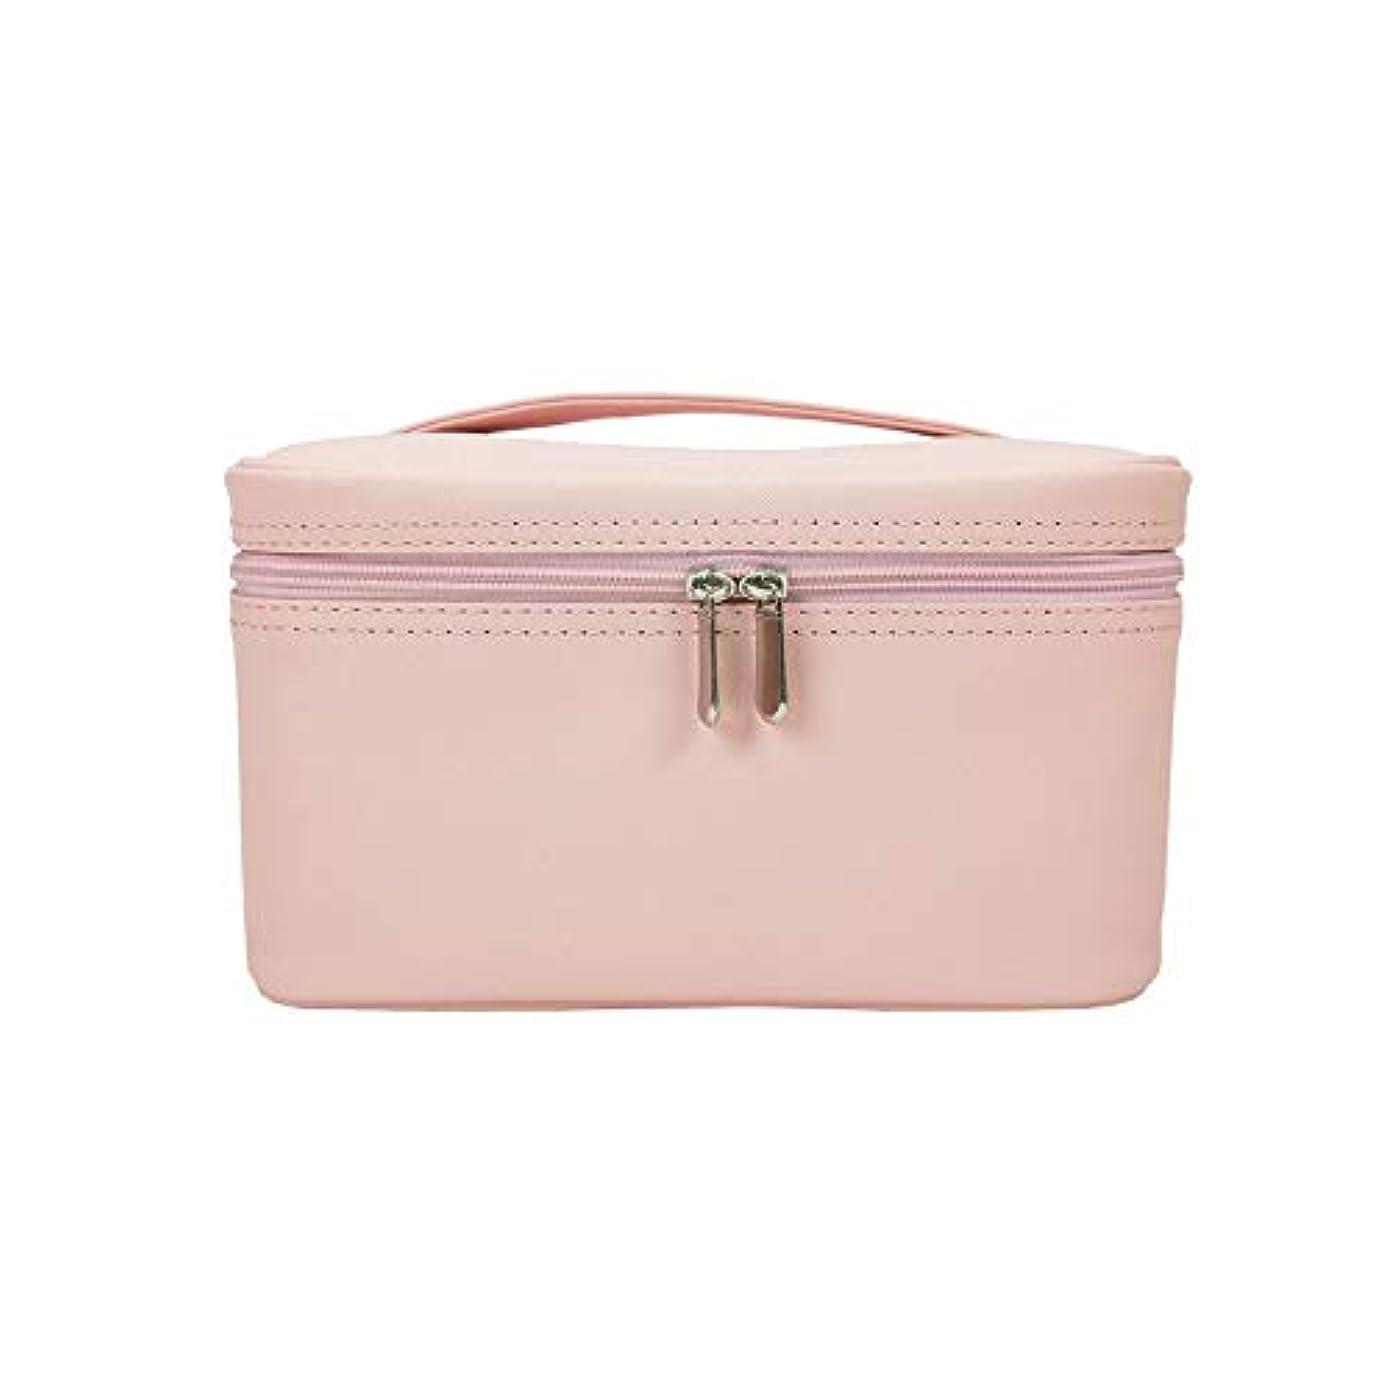 願う言う花束特大スペース収納ビューティーボックス 女の子の女性旅行のための新しく、実用的な携帯用化粧箱およびロックおよび皿が付いている毎日の貯蔵 化粧品化粧台 (色 : ピンク)